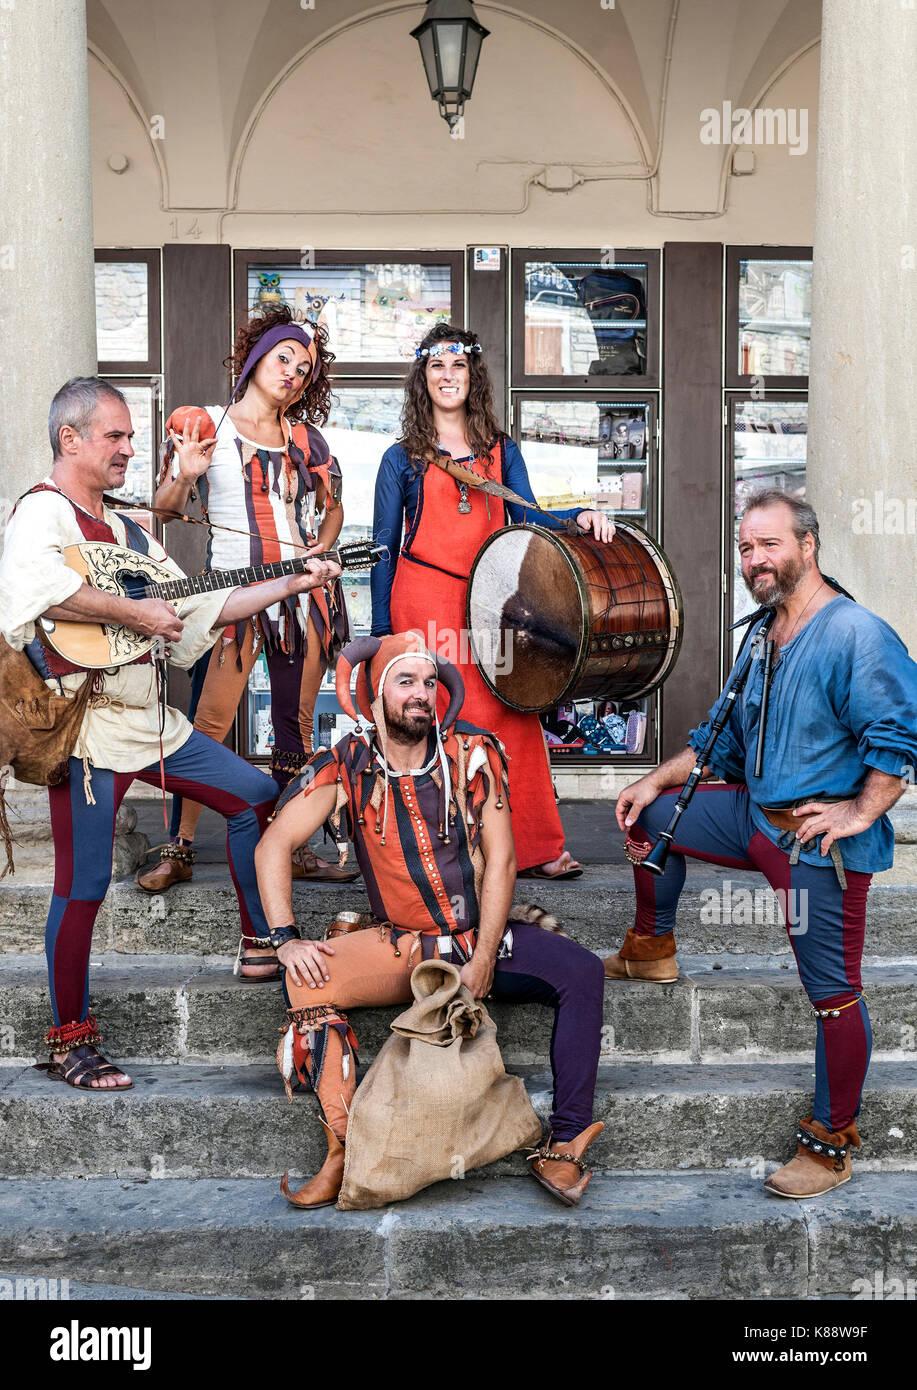 Marinis San habillés et d'effectuer en costume au cours de l'assemblée annuelle Festival médiéval organisé à San Marino. Banque D'Images